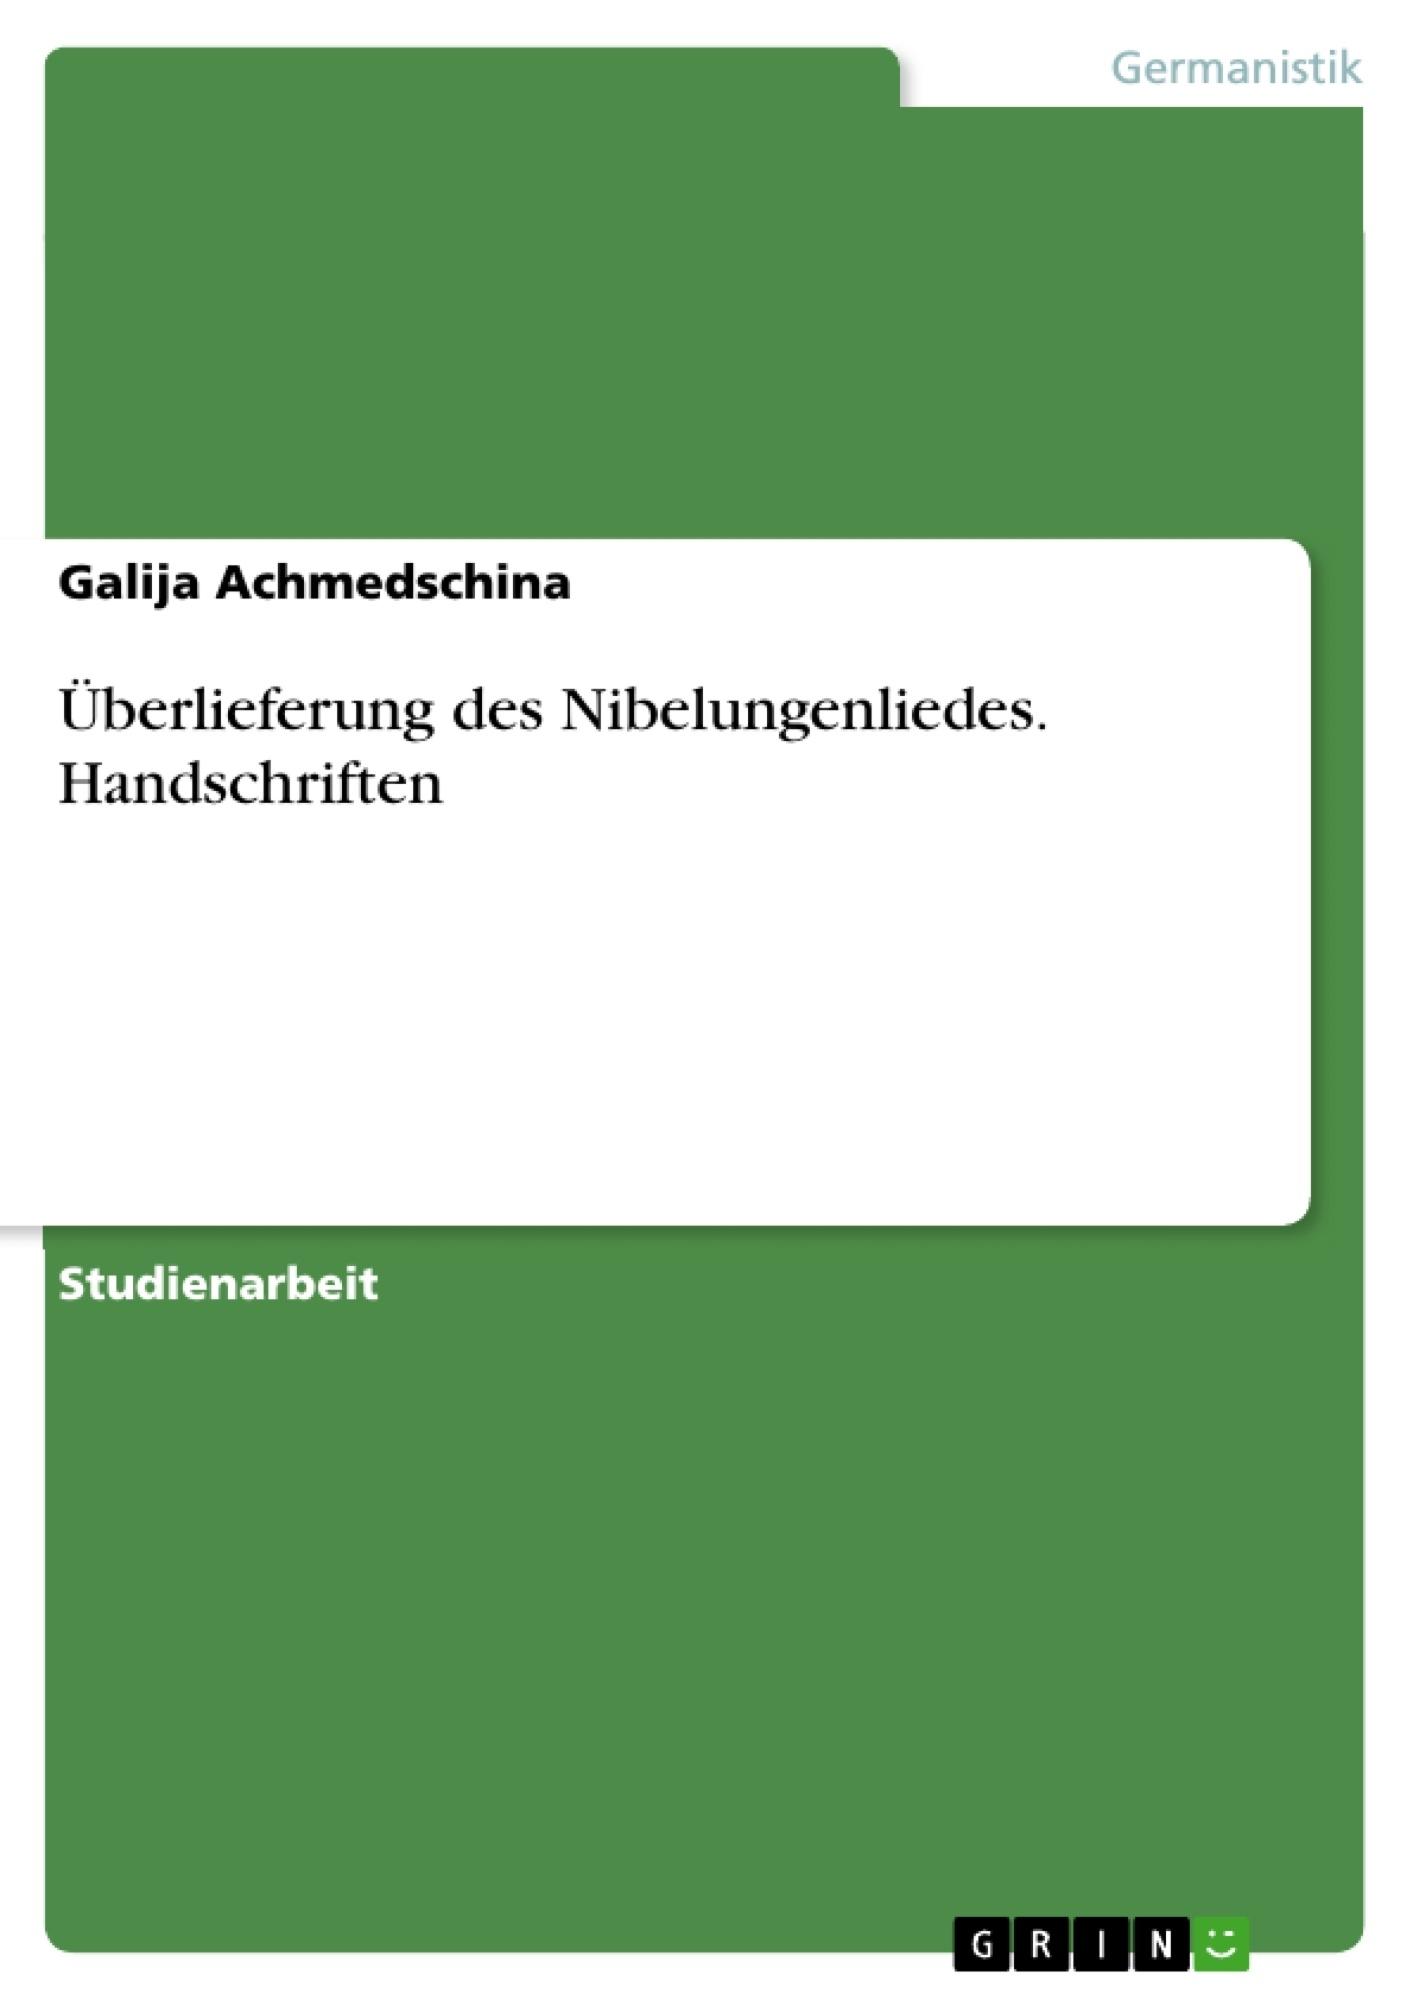 Titel: Überlieferung des Nibelungenliedes. Handschriften